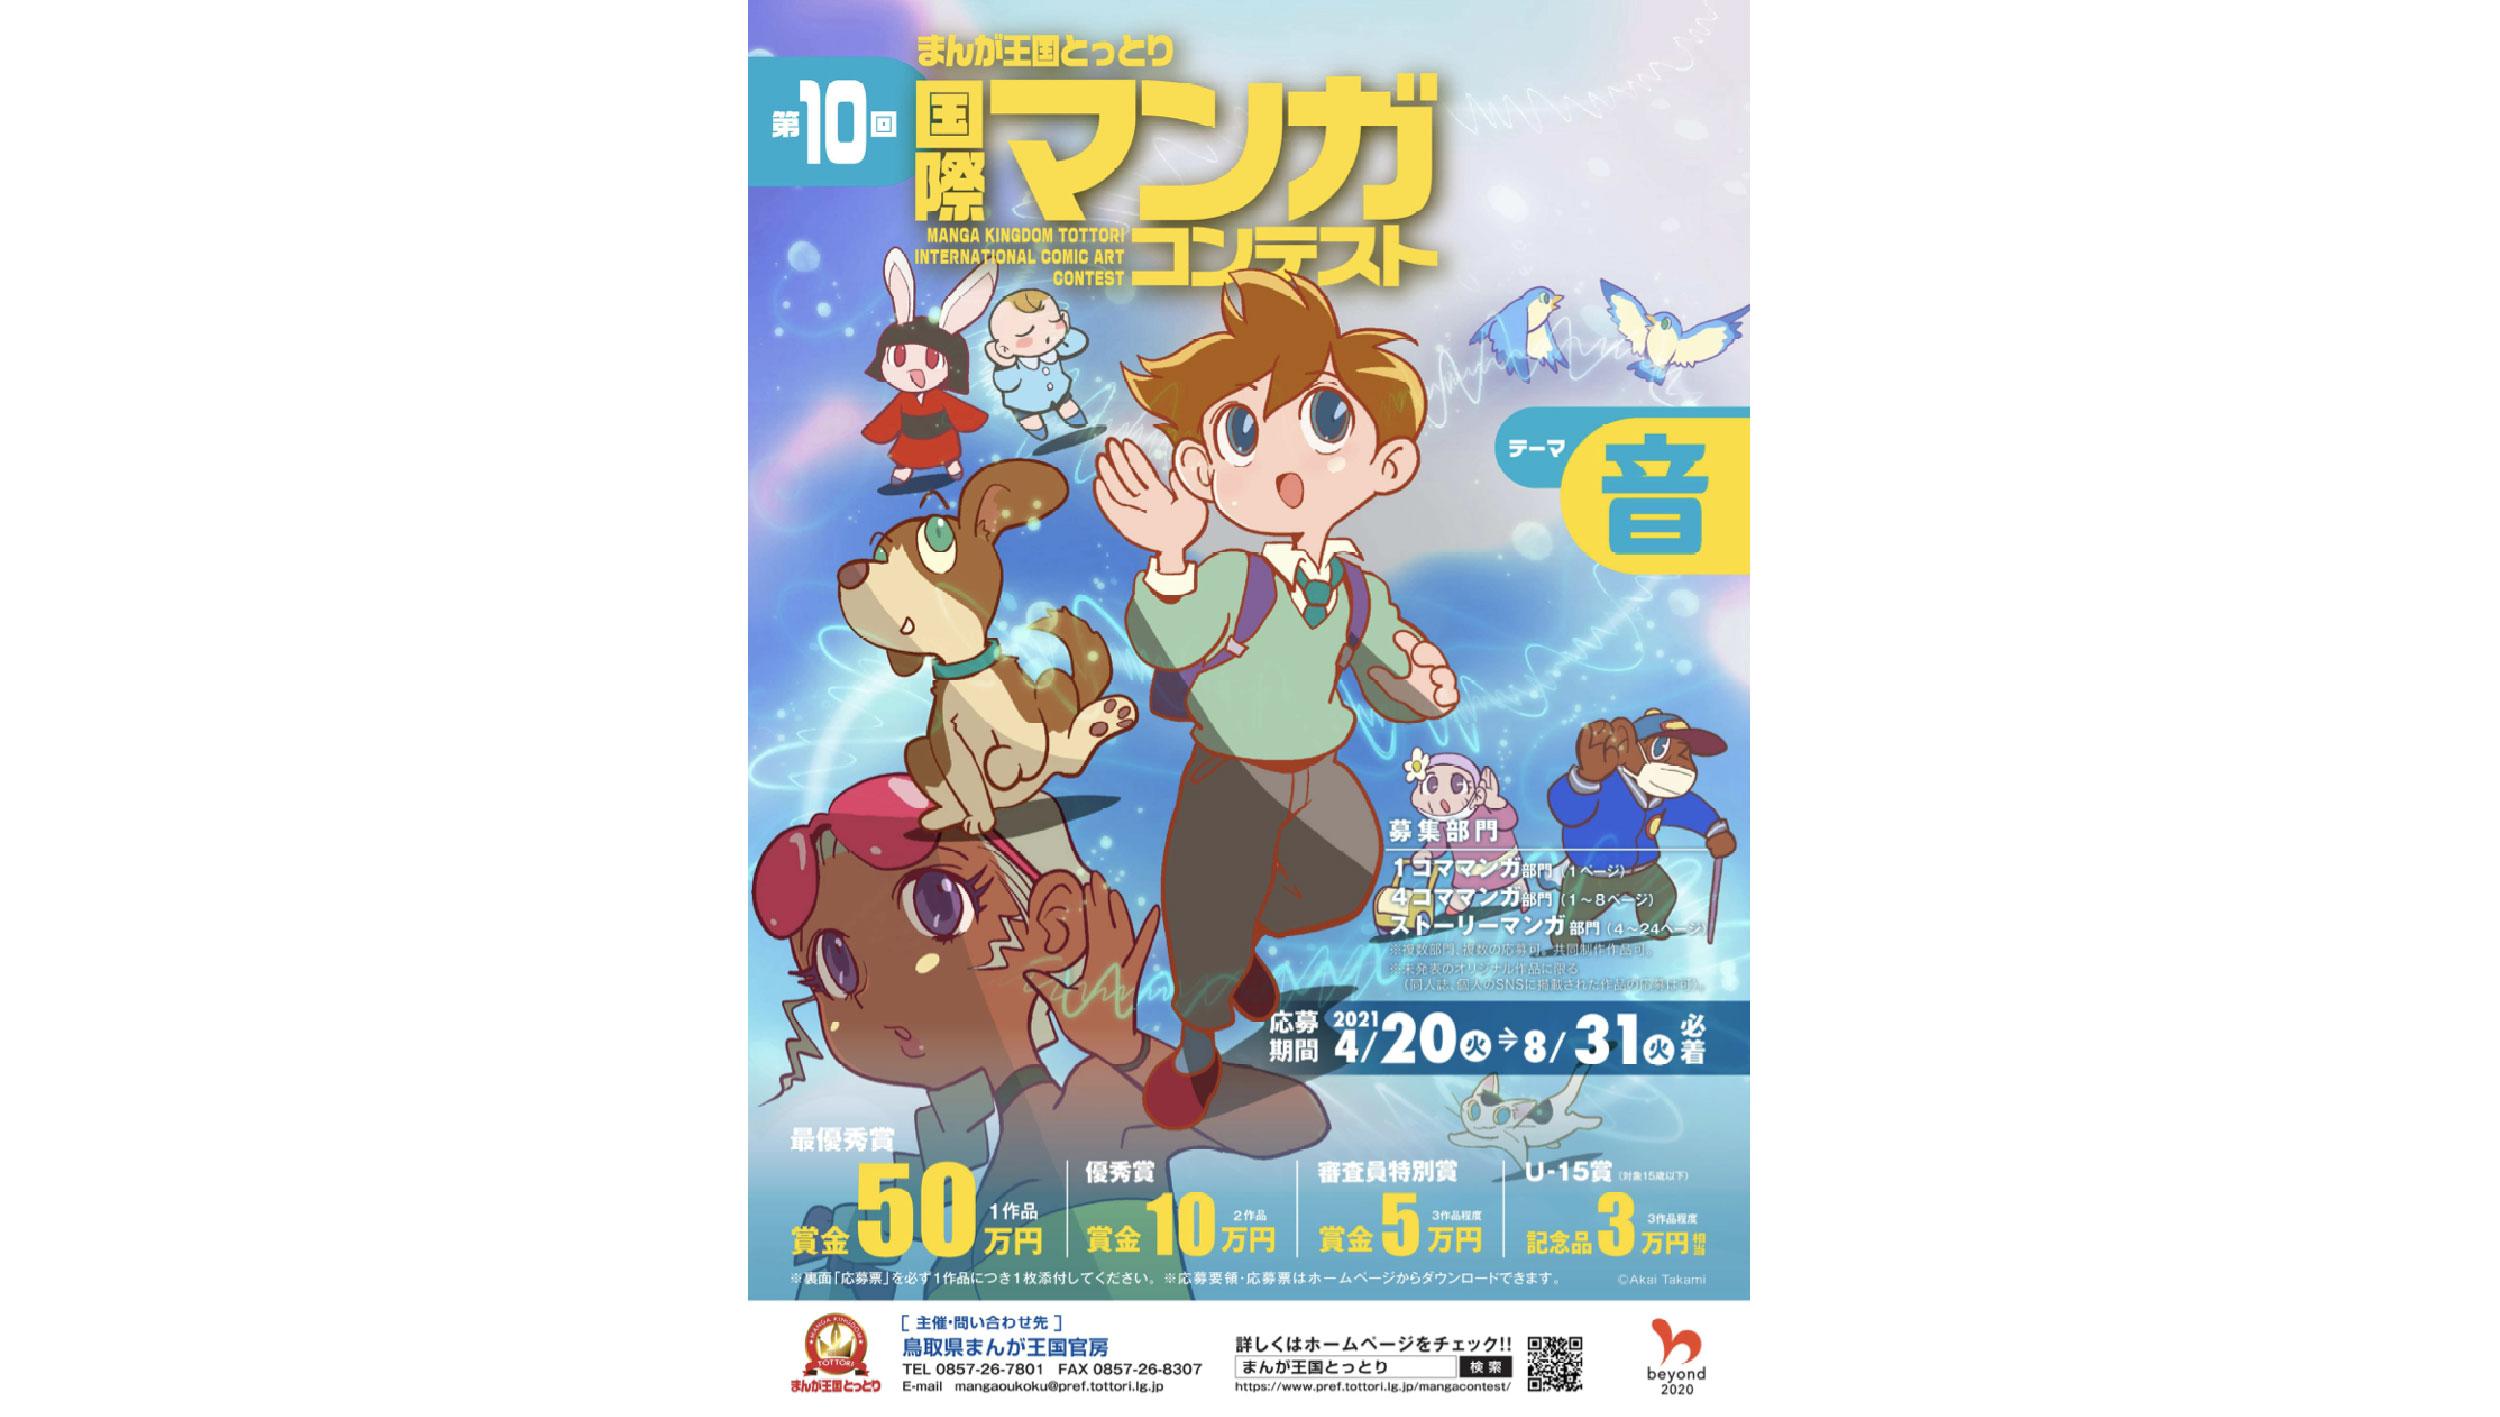 第10屆漫畫王國鳥取國際漫畫比賽